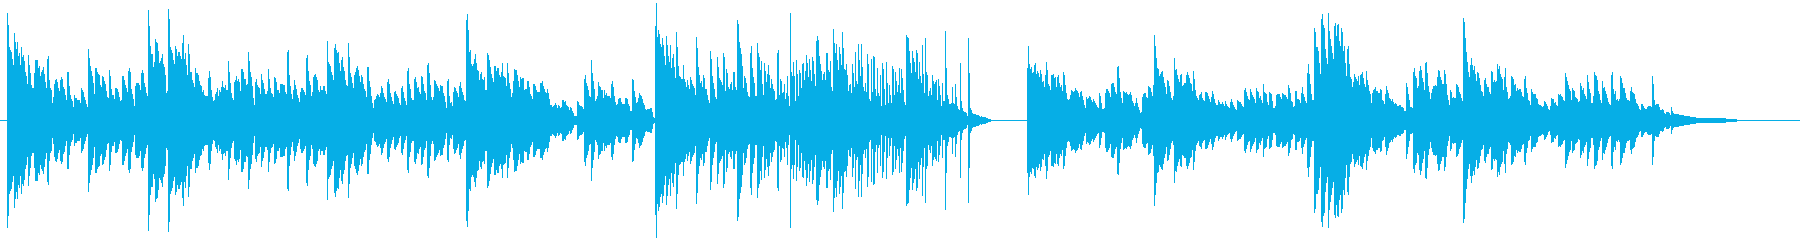 生演奏:ソロピアノ/不気味な館/ホラーの再生済みの波形